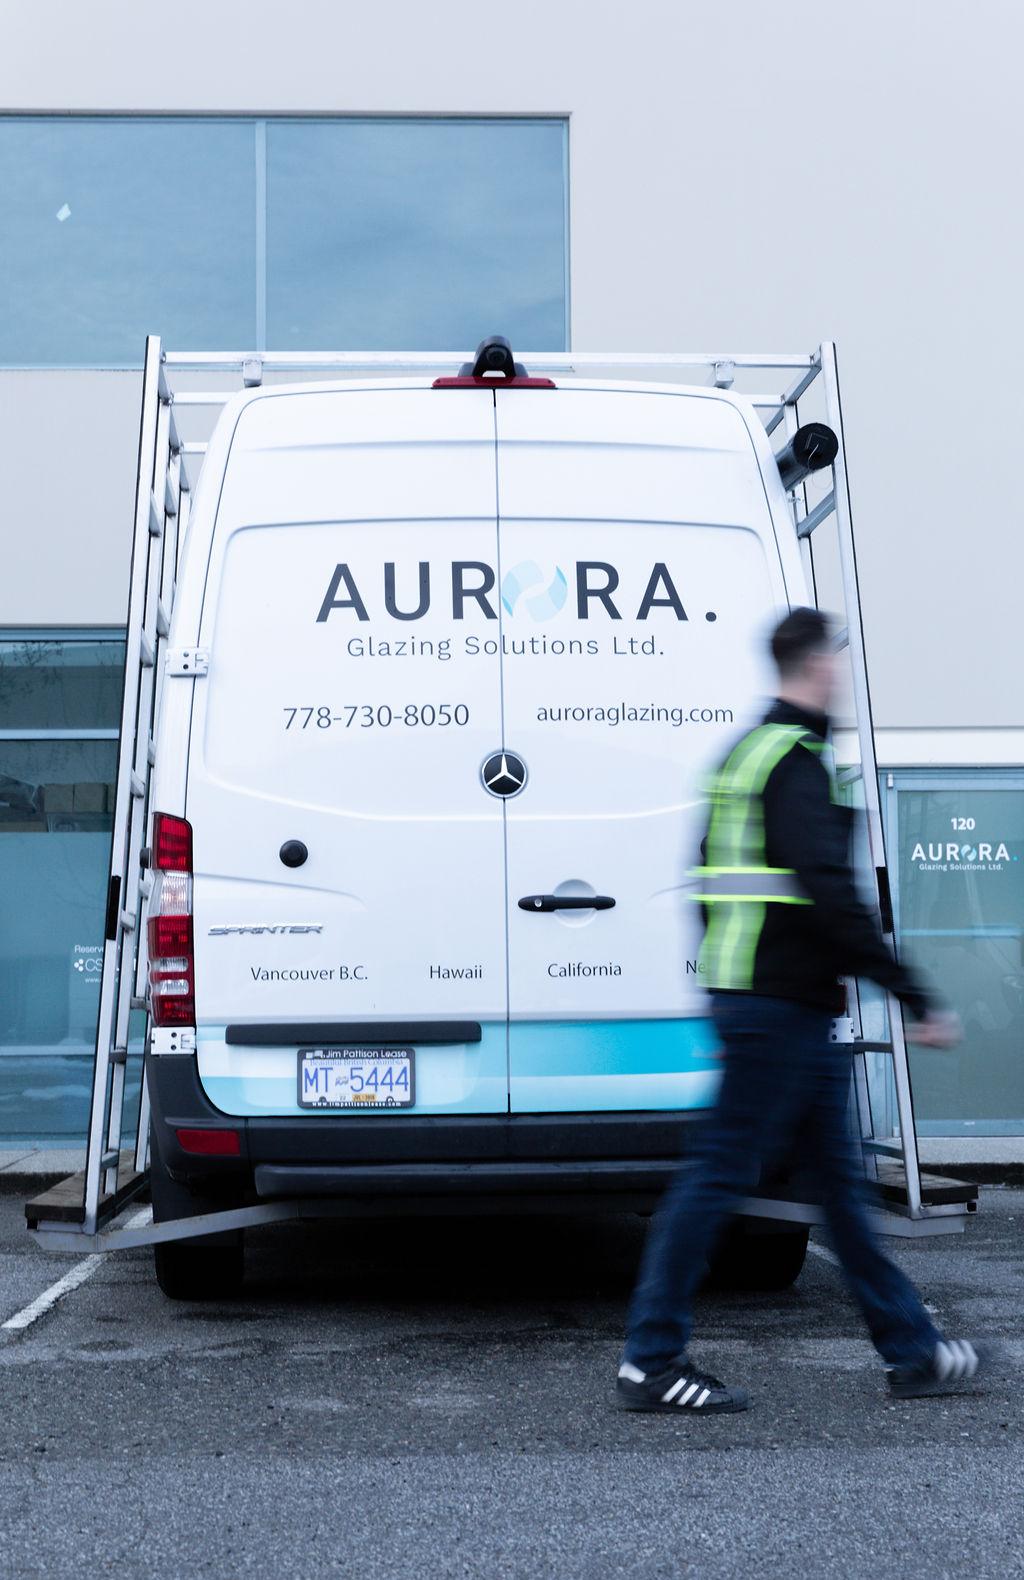 Aurora Glazing Solutions work van